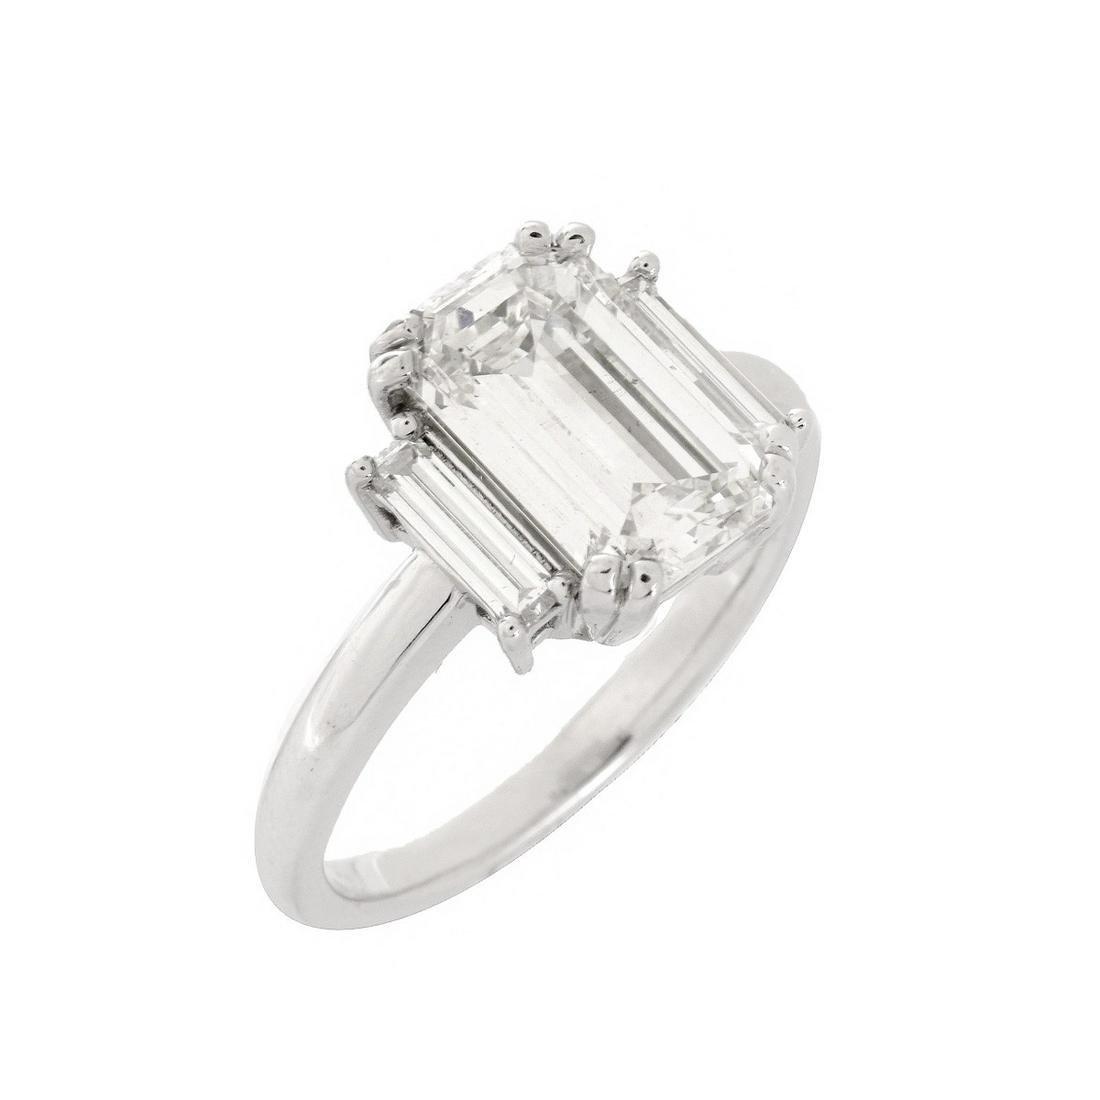 GIA Diamond and 18K Ring